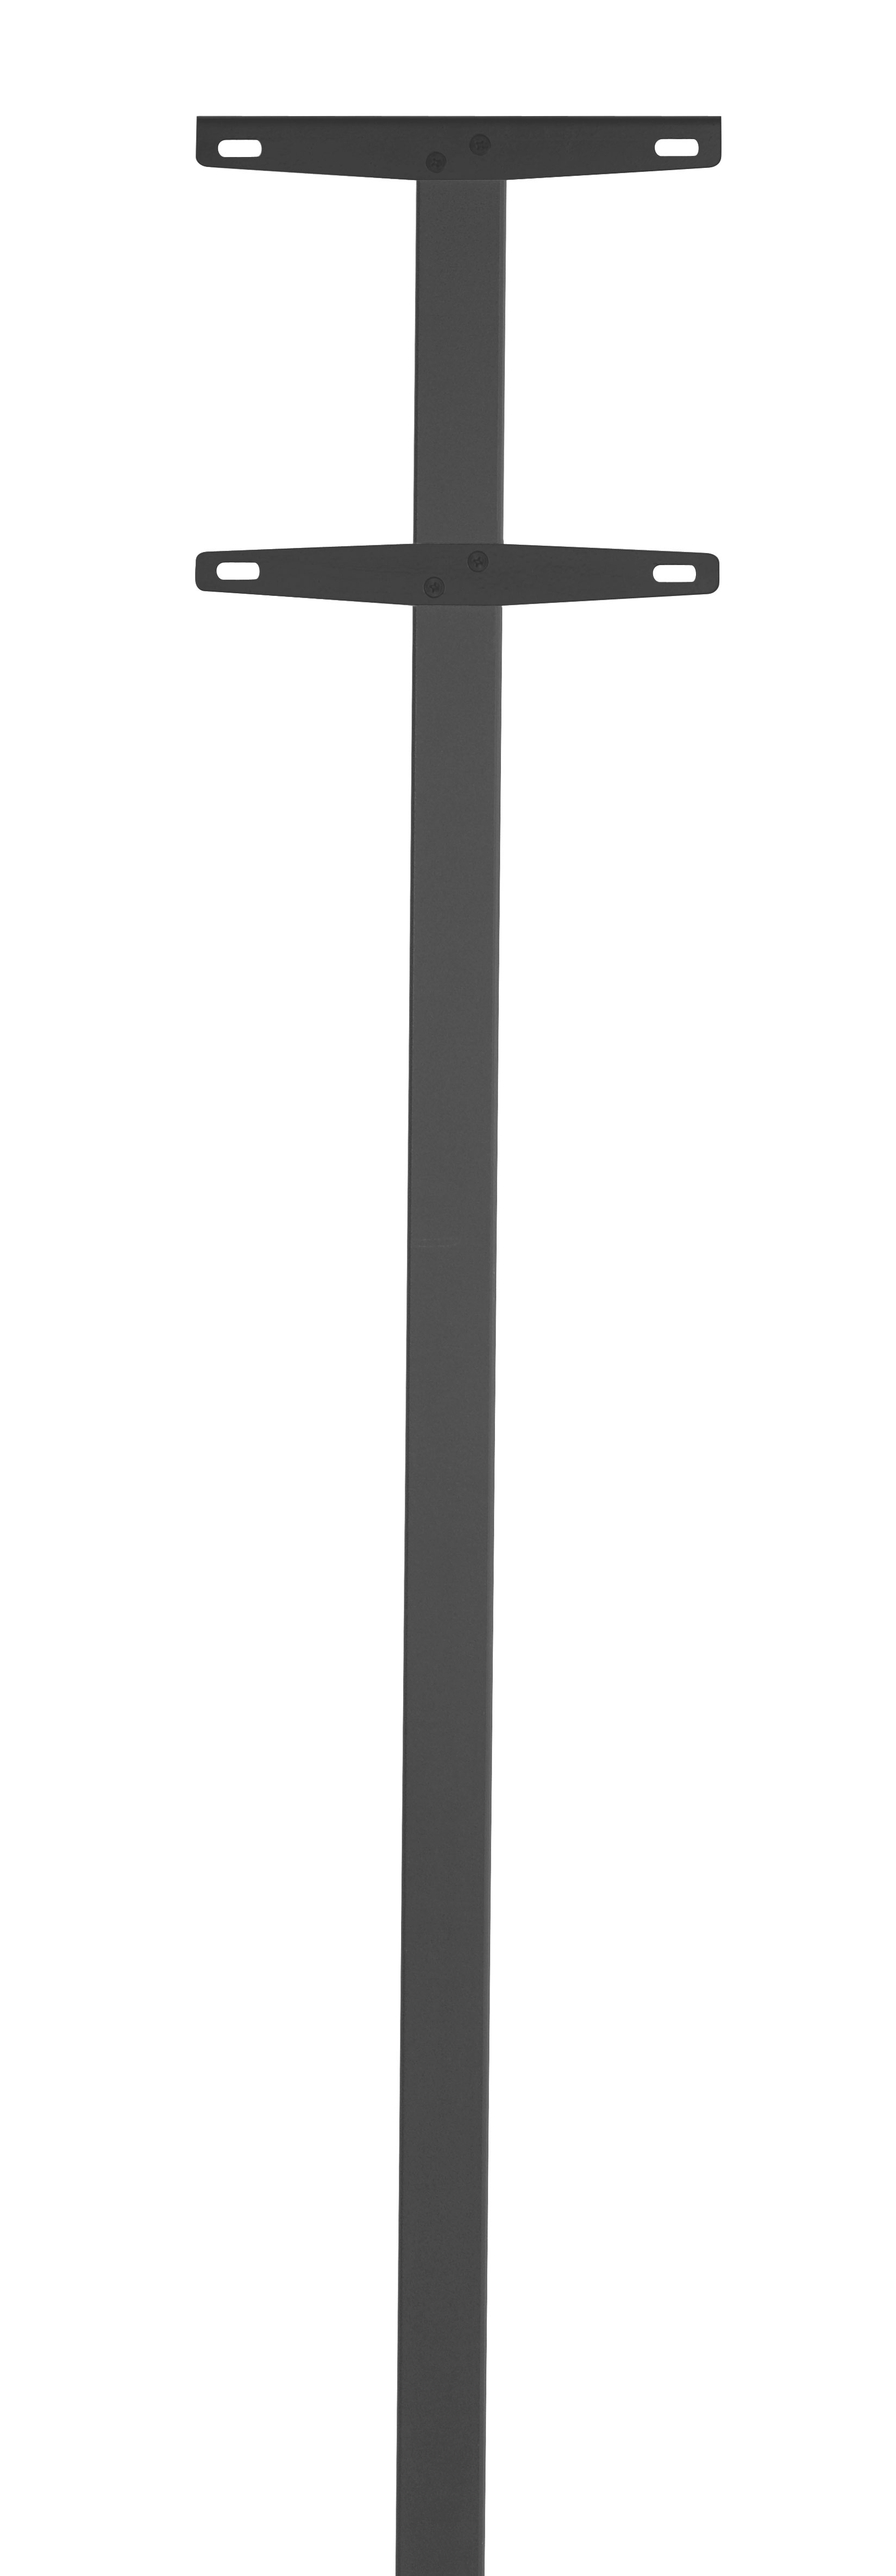 Brievenbus statief Allux 1003 antraciet